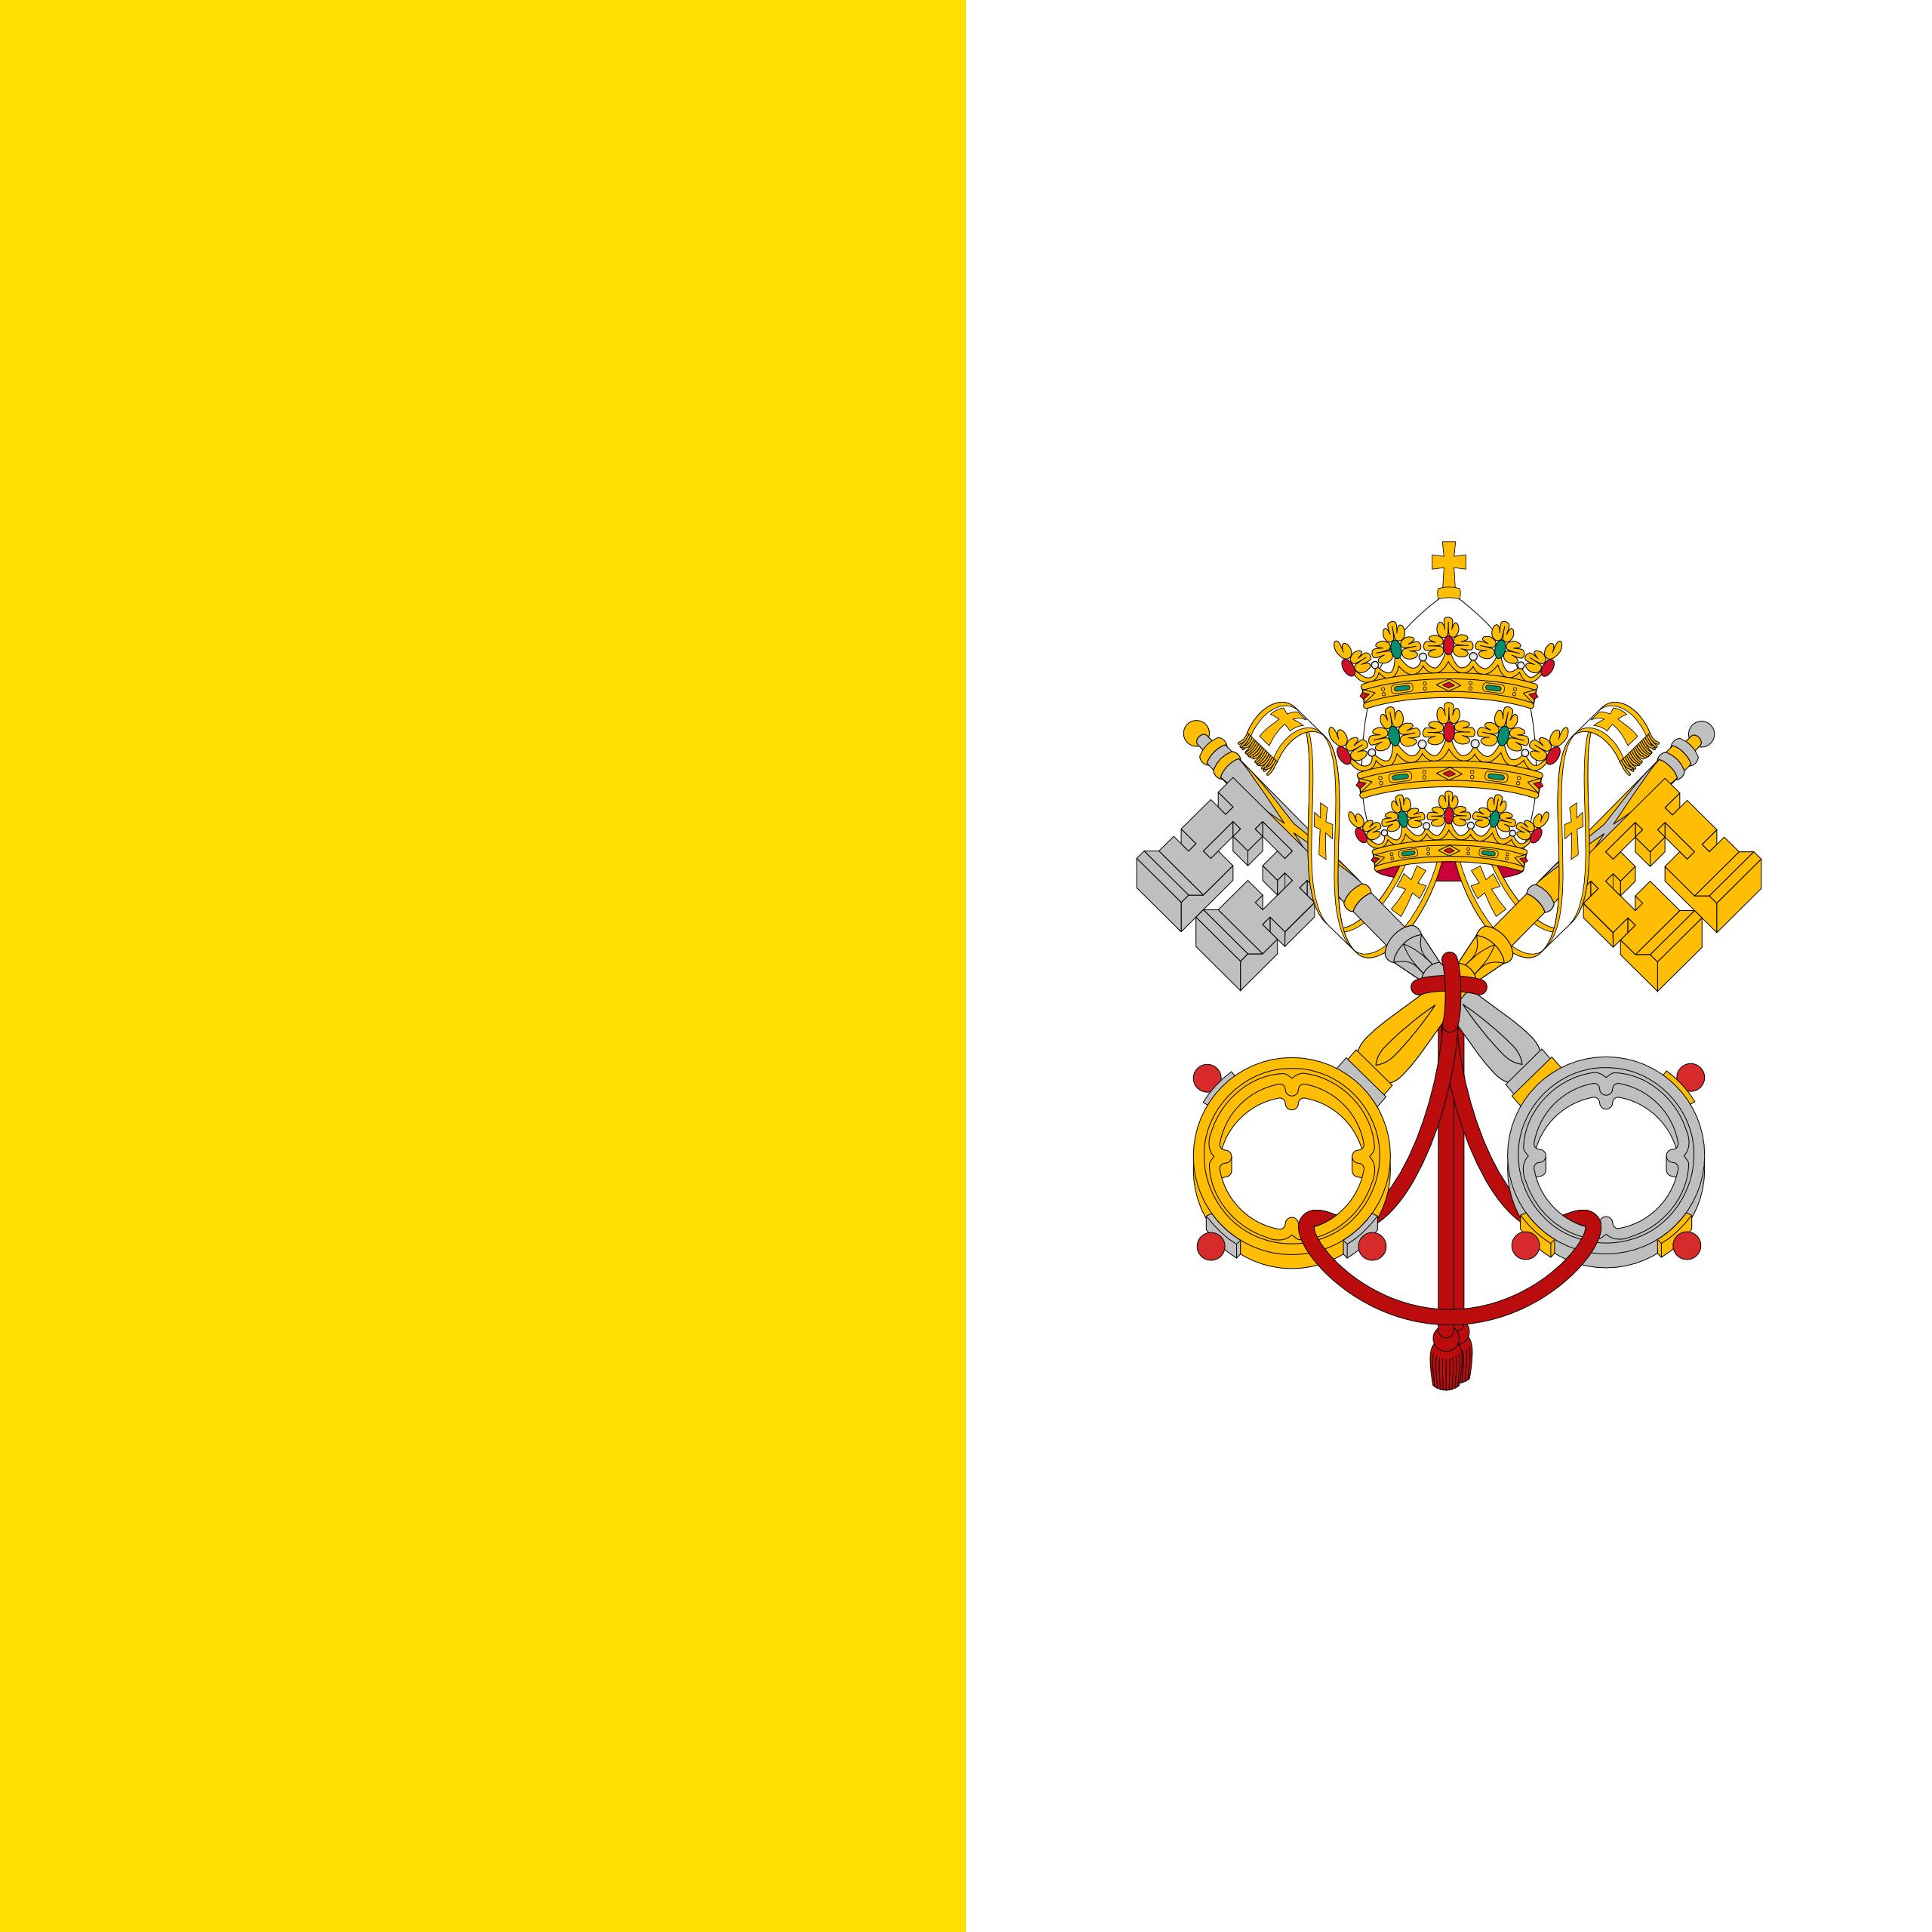 ciudad del vaticano, pays, emblème, logo, symbole - Fonds d'écran HD - Professor-falken.com